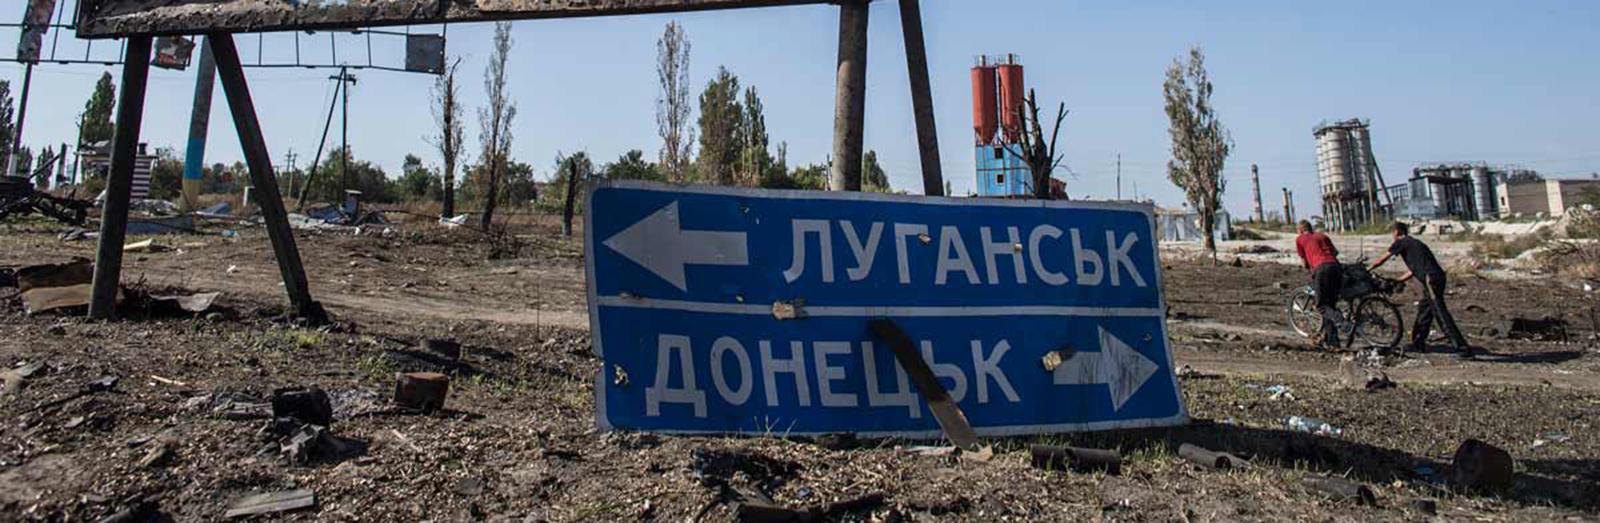 Навіщо нам потрібен Донбас? 9 доводів, чому ми мусимо повернути окуповані  території | Українська правда